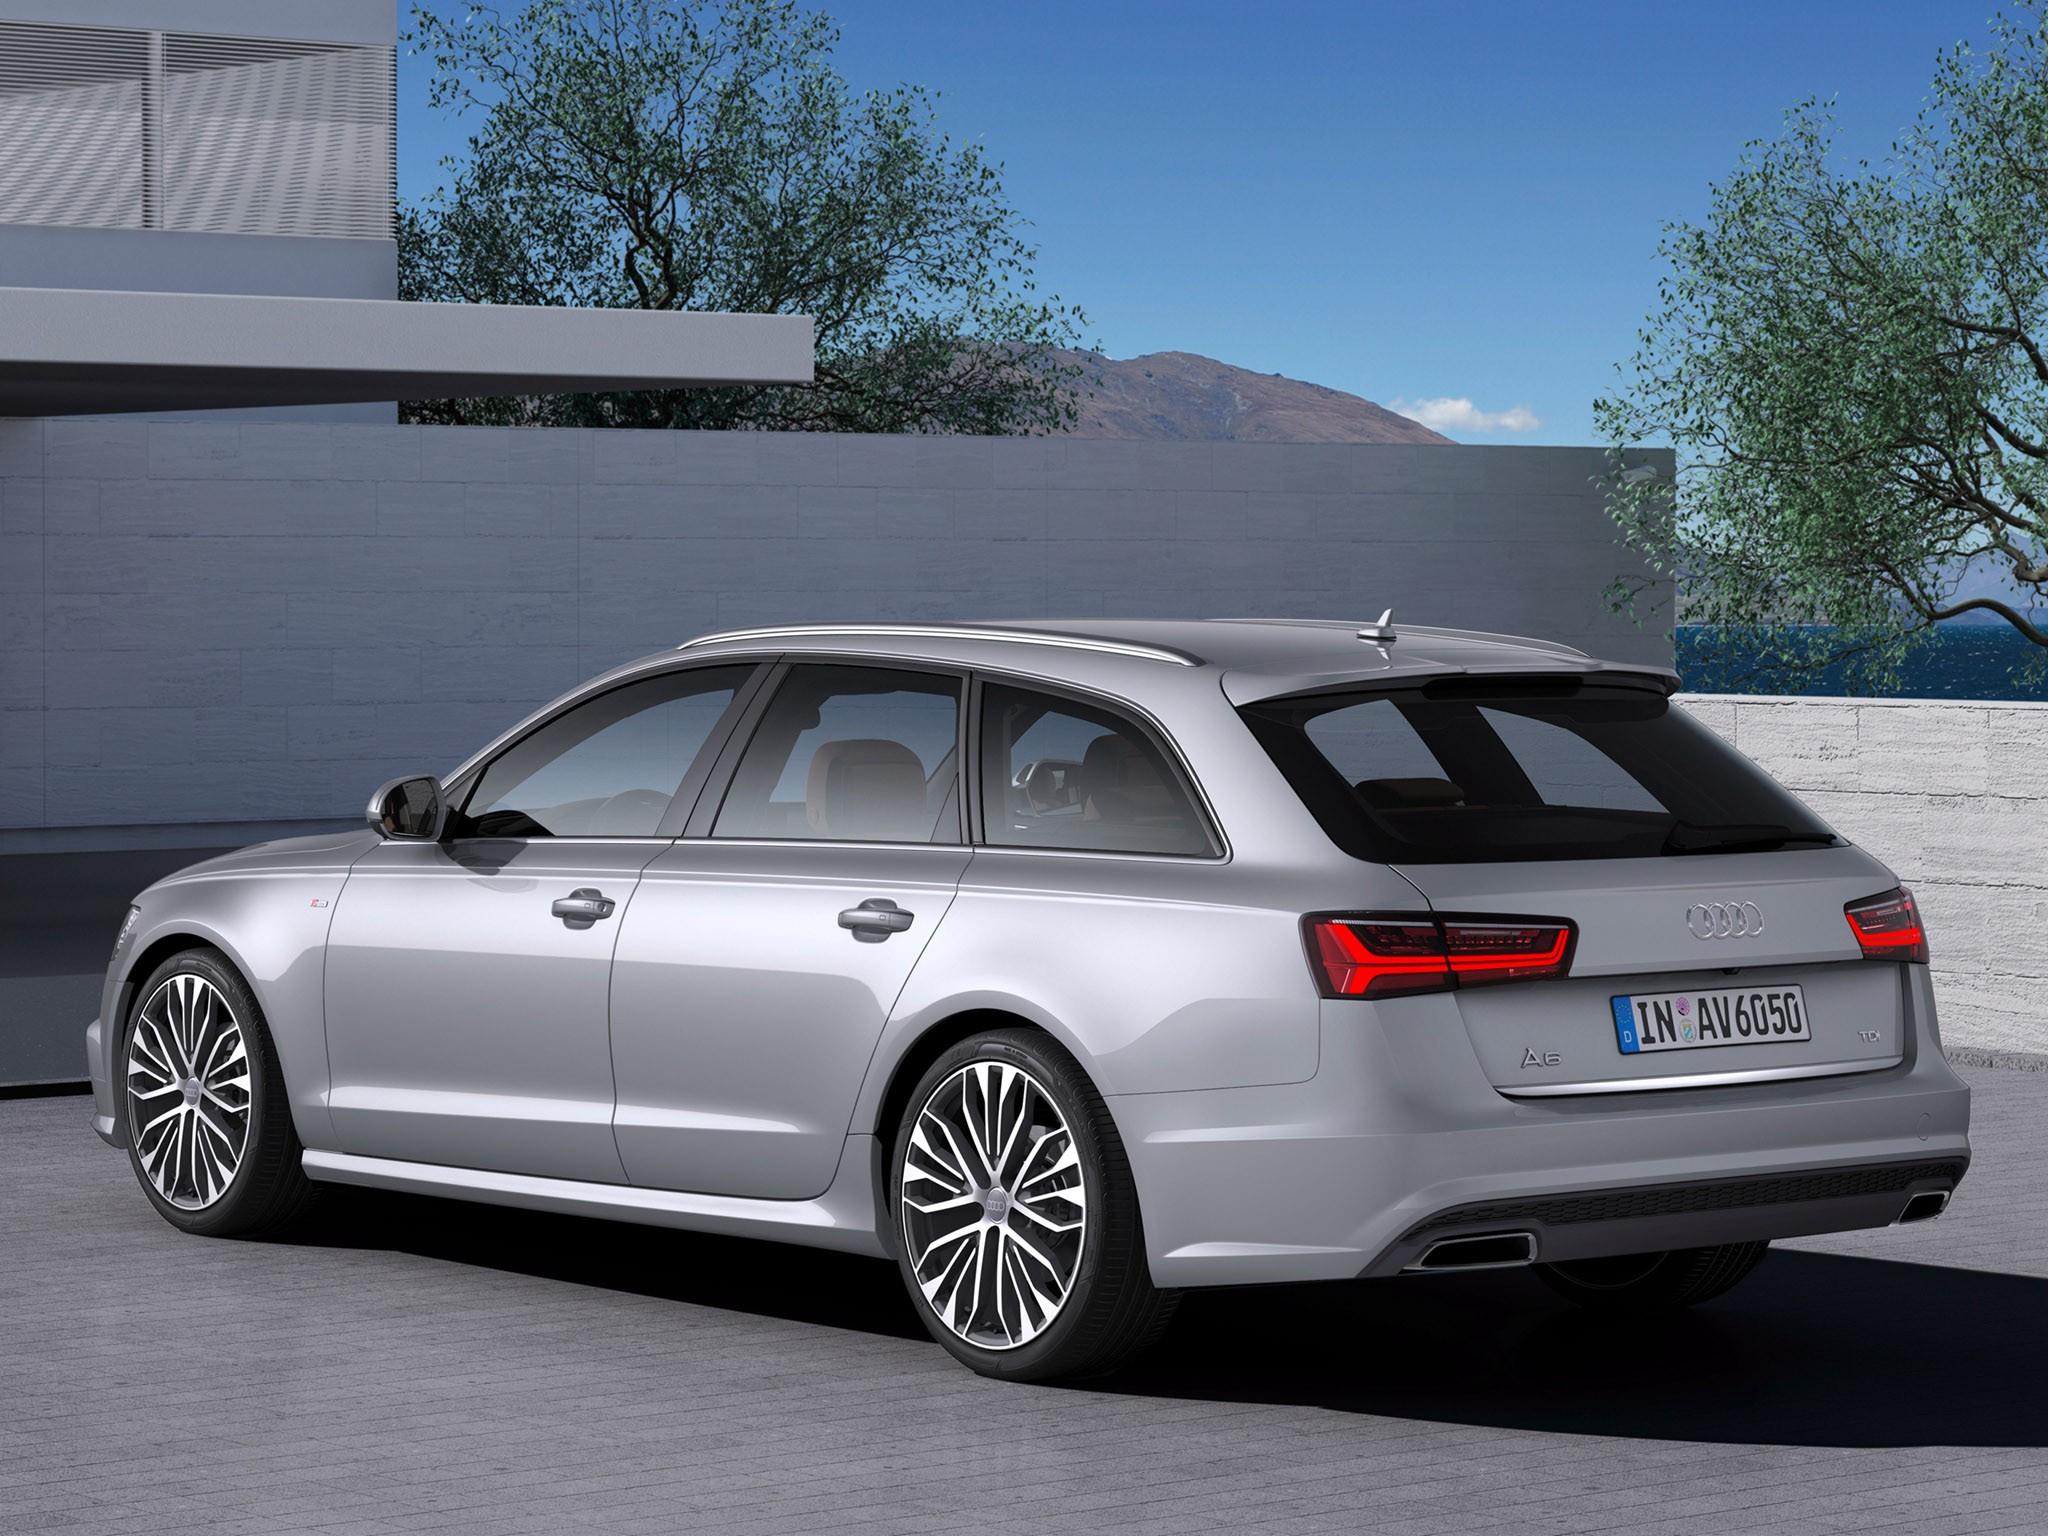 2015 Audi A6 Avant 2.0 TDI S-Line